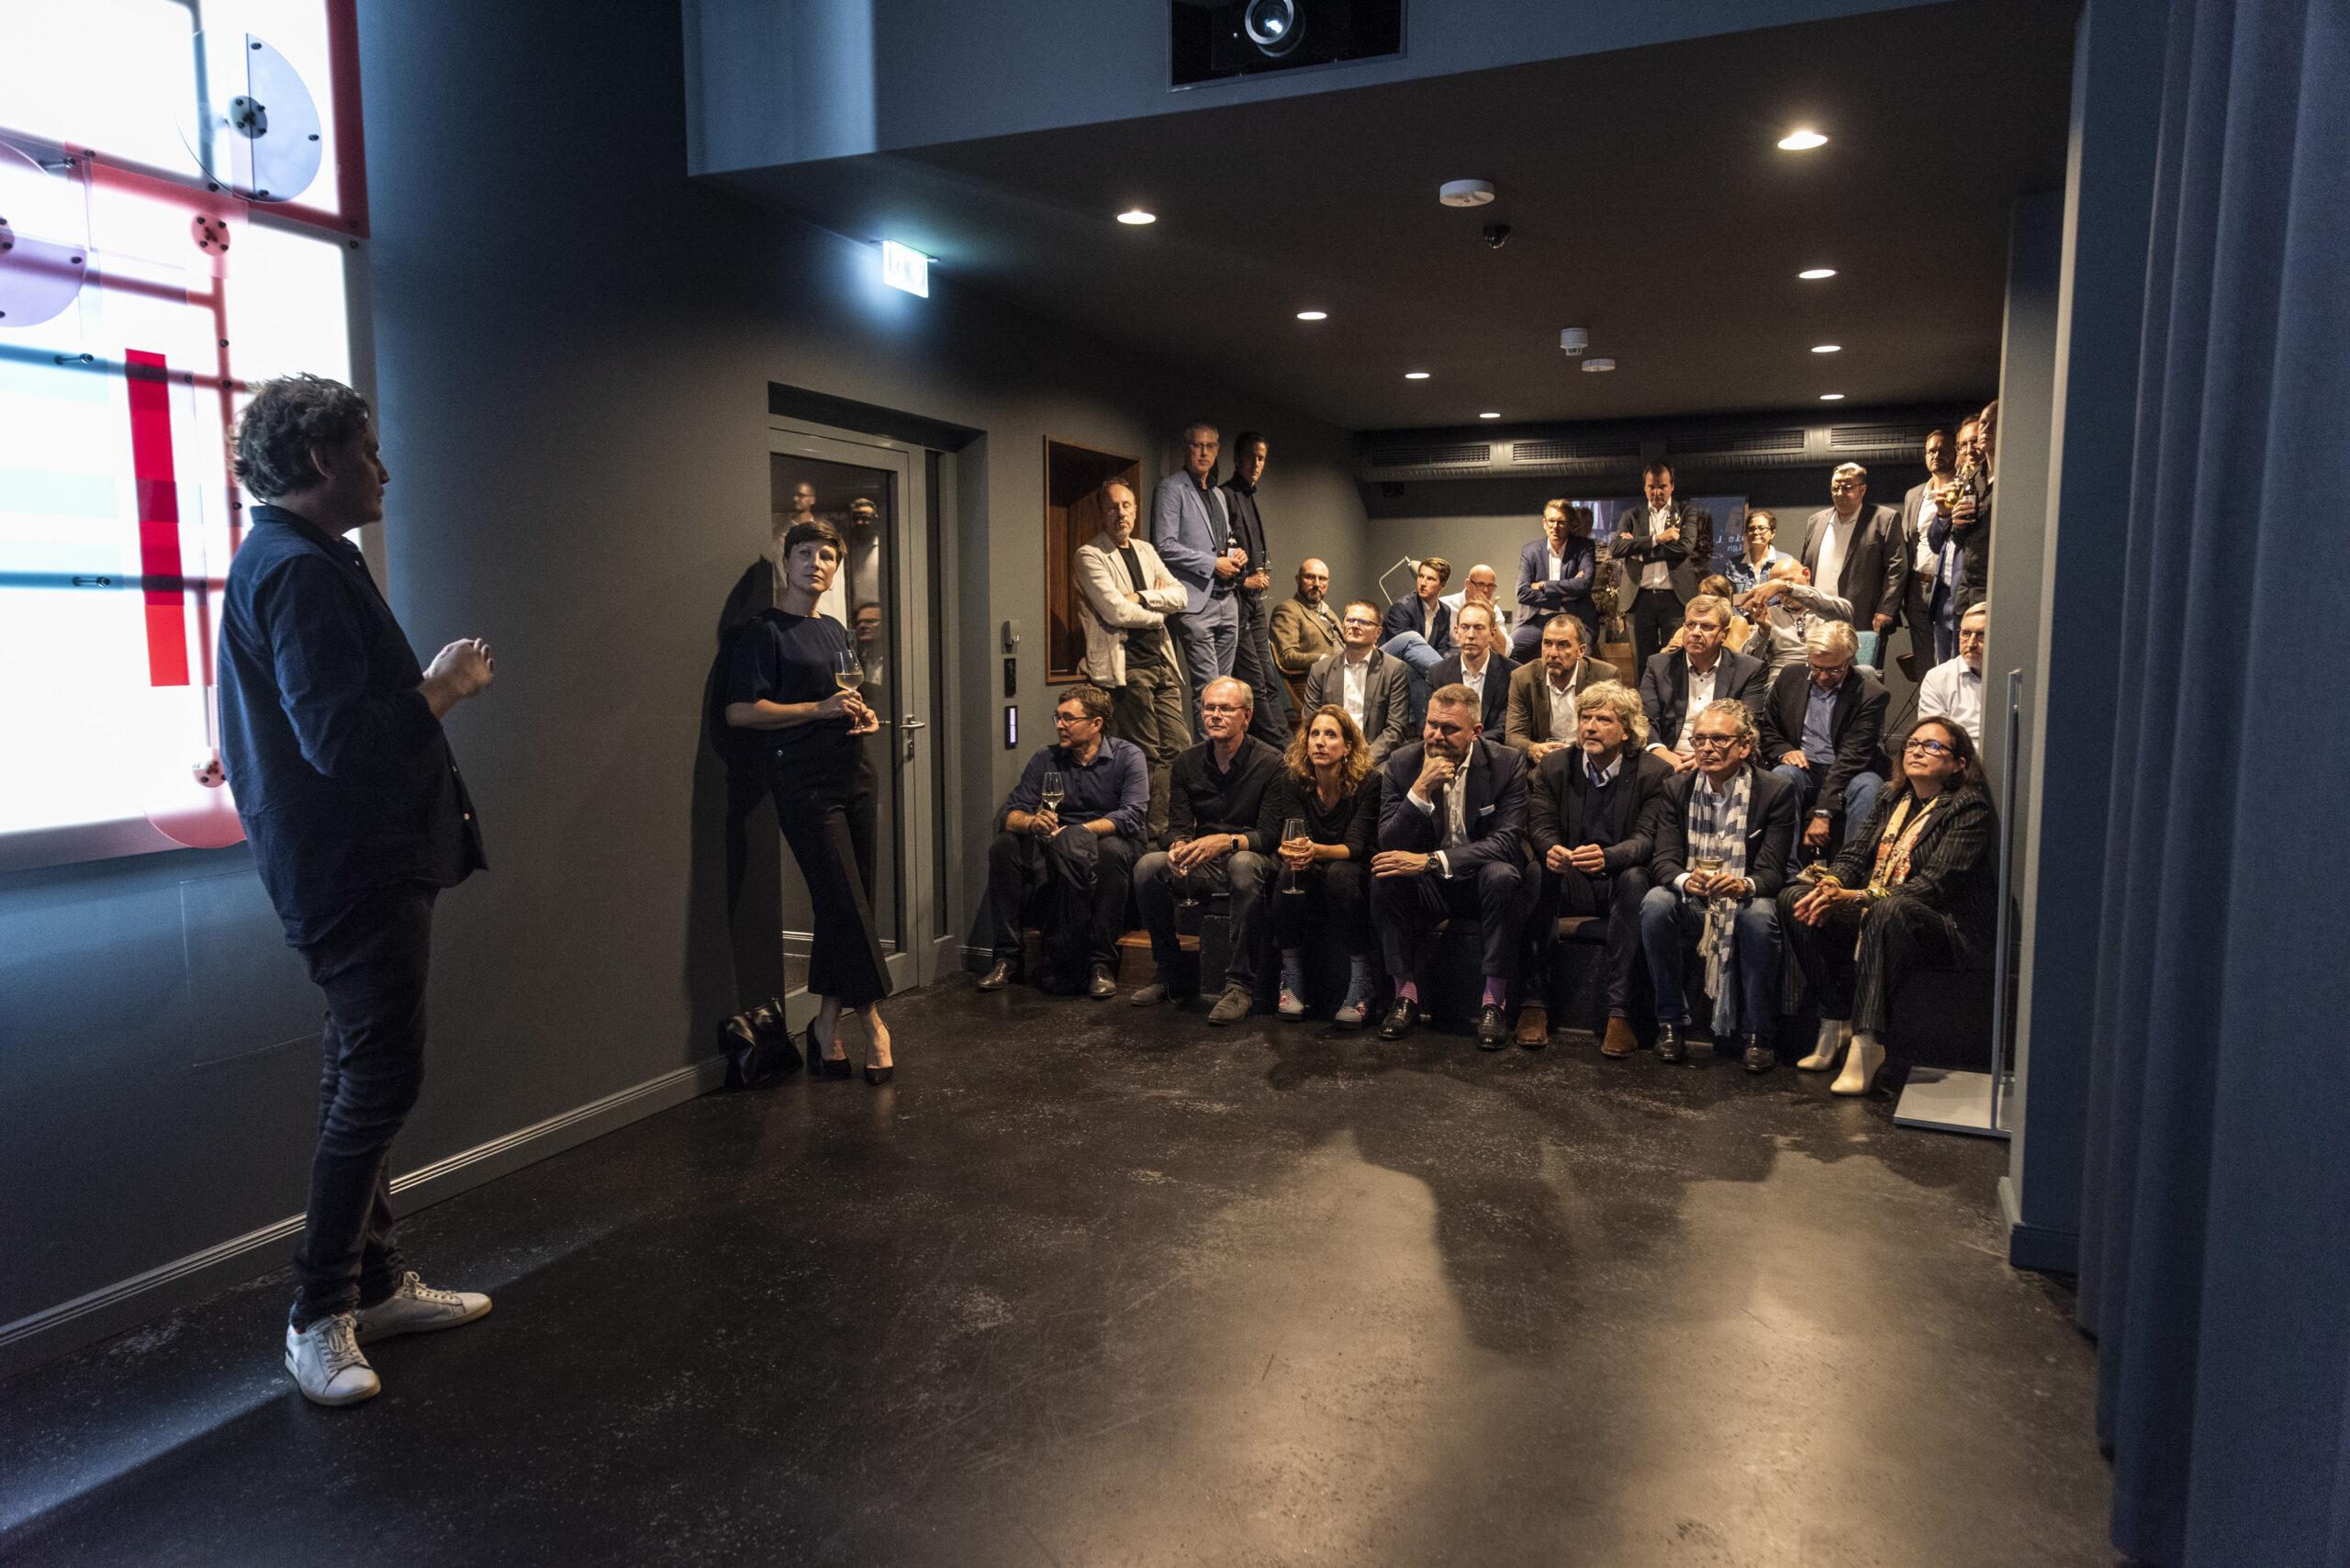 Architecture Matters Networks 2019, Digital Dynamite mit Tobias Nolte, Frankfurt Foto: Heinrich Völkel